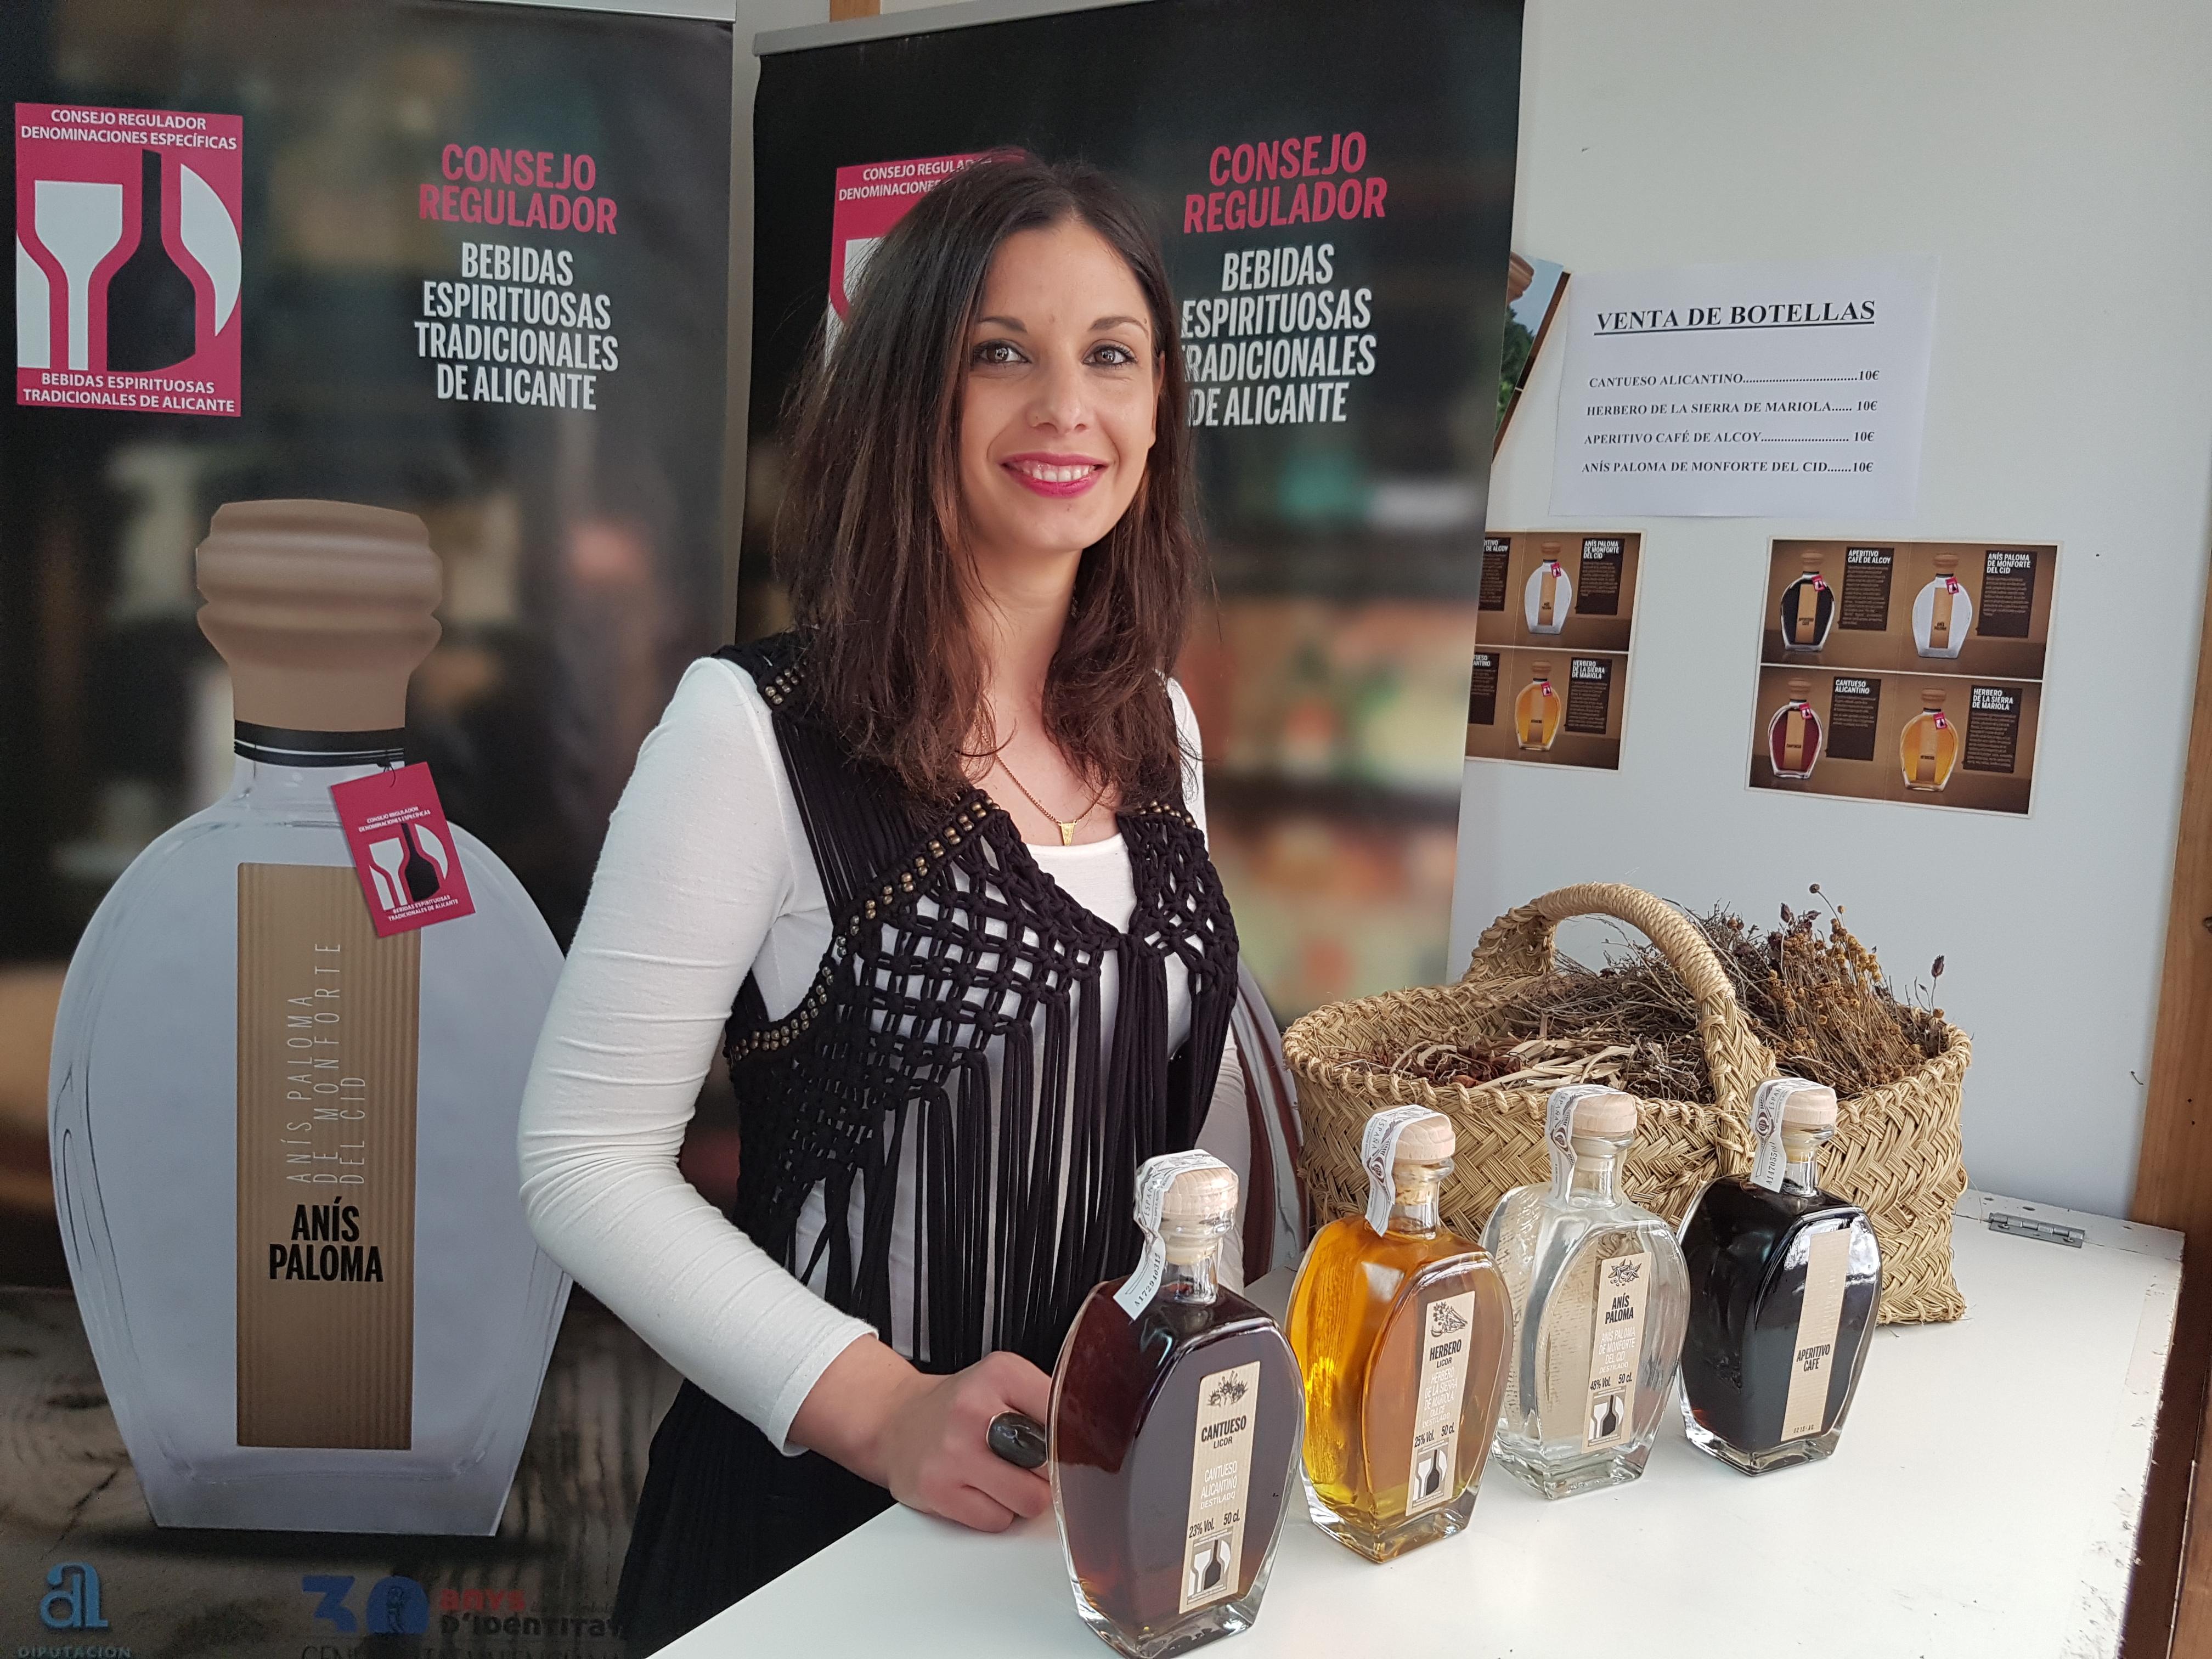 Galería de fotos de los expositores de la Mostra de Vins i Aliments de Valencia